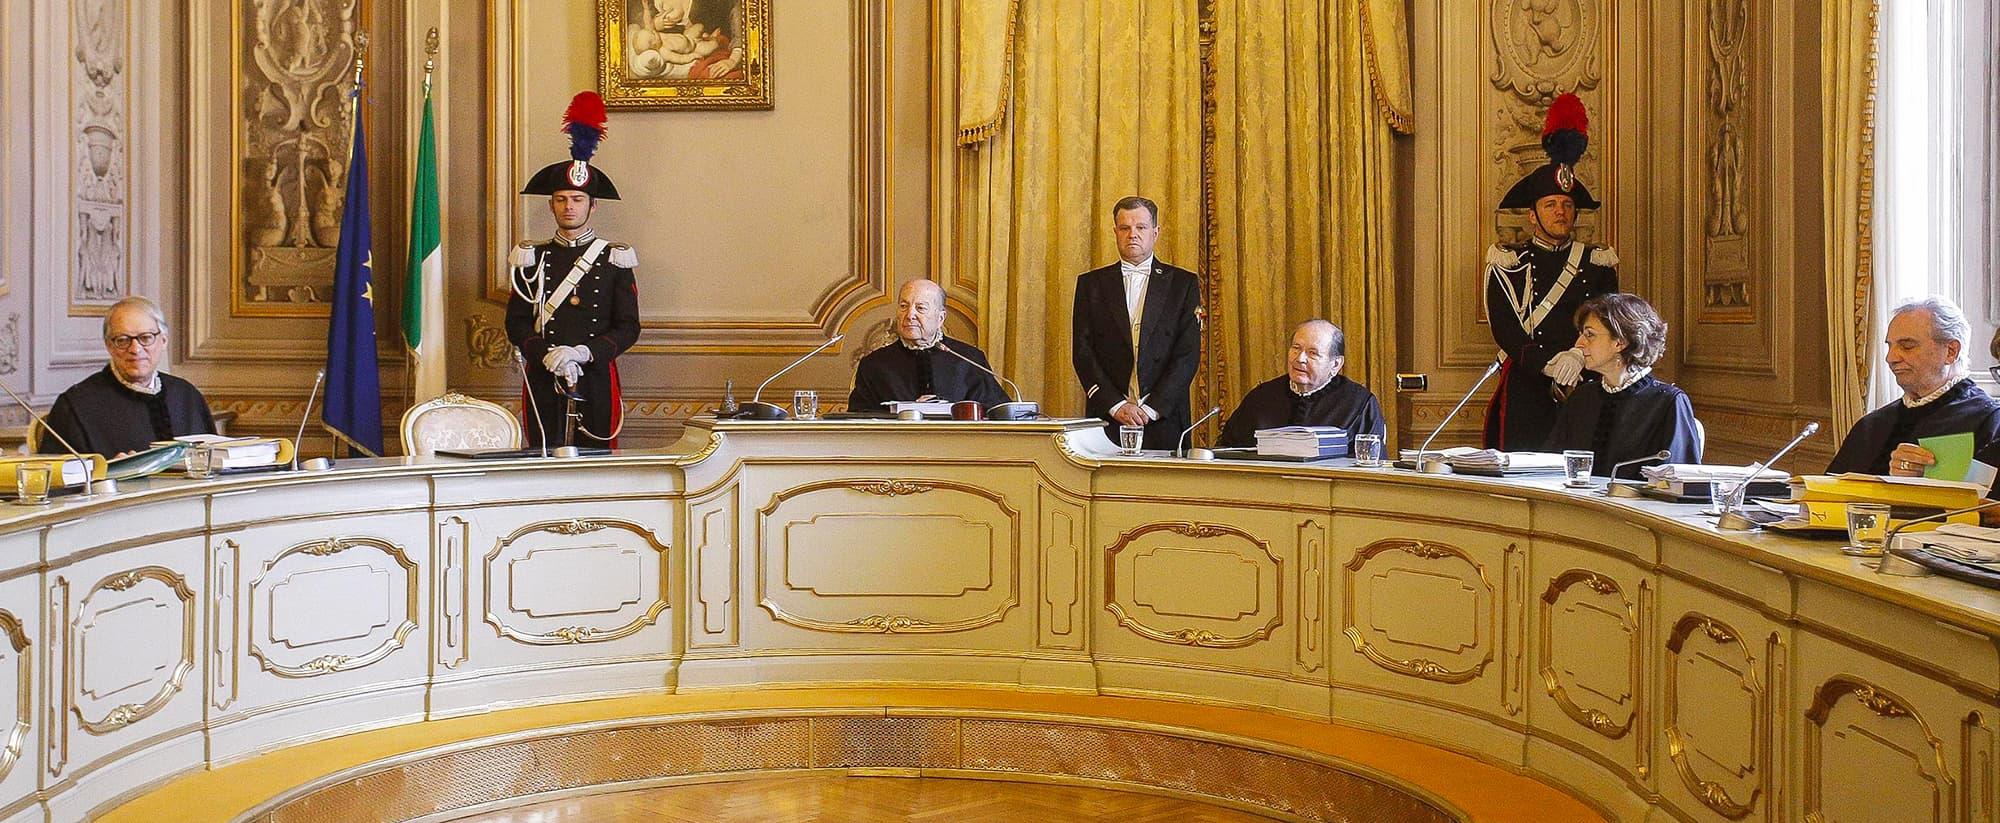 Articolo 54 - Questione di Legittimità Costituzionale? Perplessità. Primo Capitolo